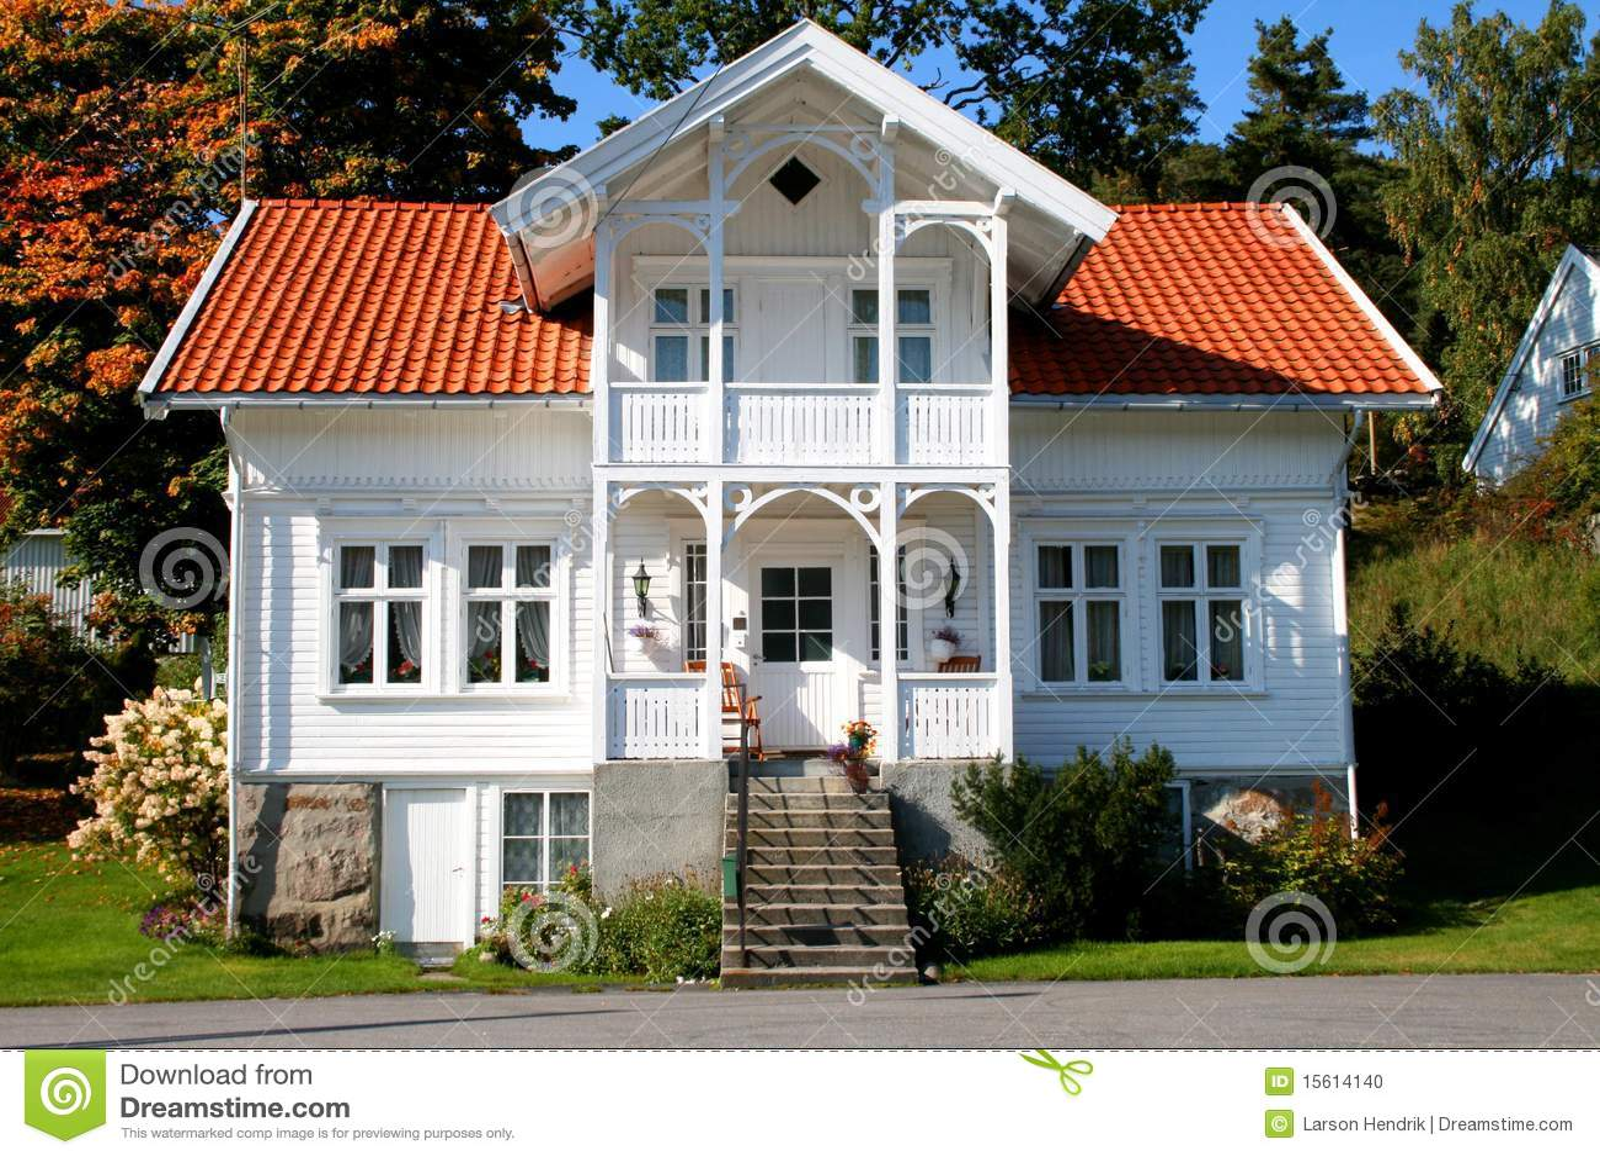 Haus in norwegen stockfoto bild 15614140 for Norwegen haus